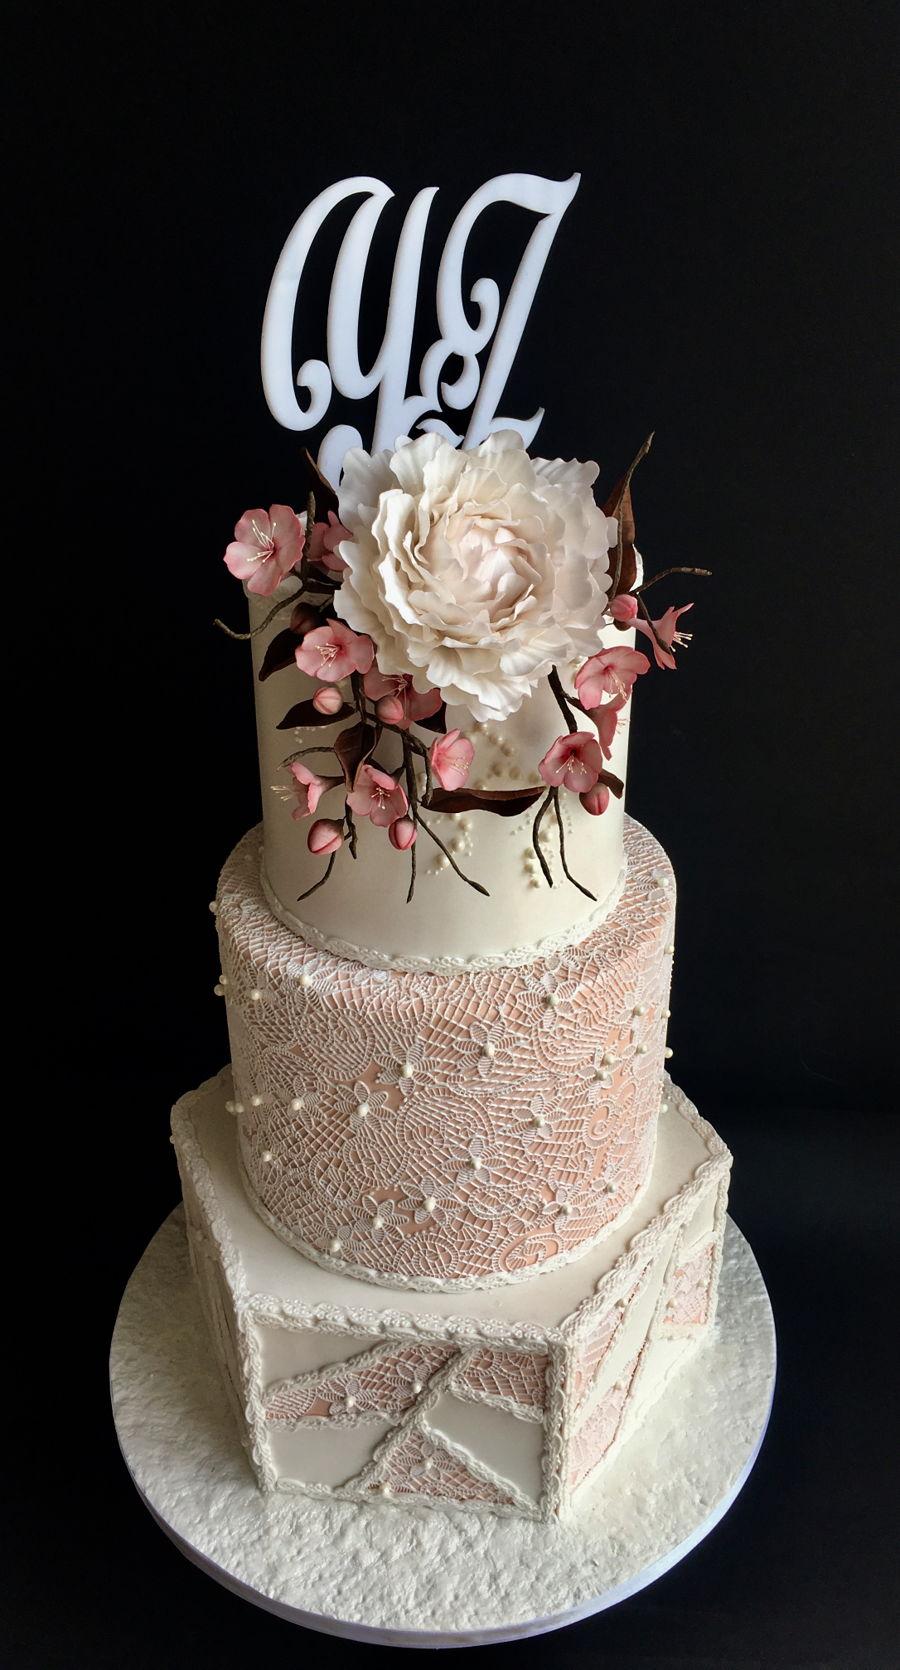 Cherry Blossom Wedding Cake - CakeCentral.com